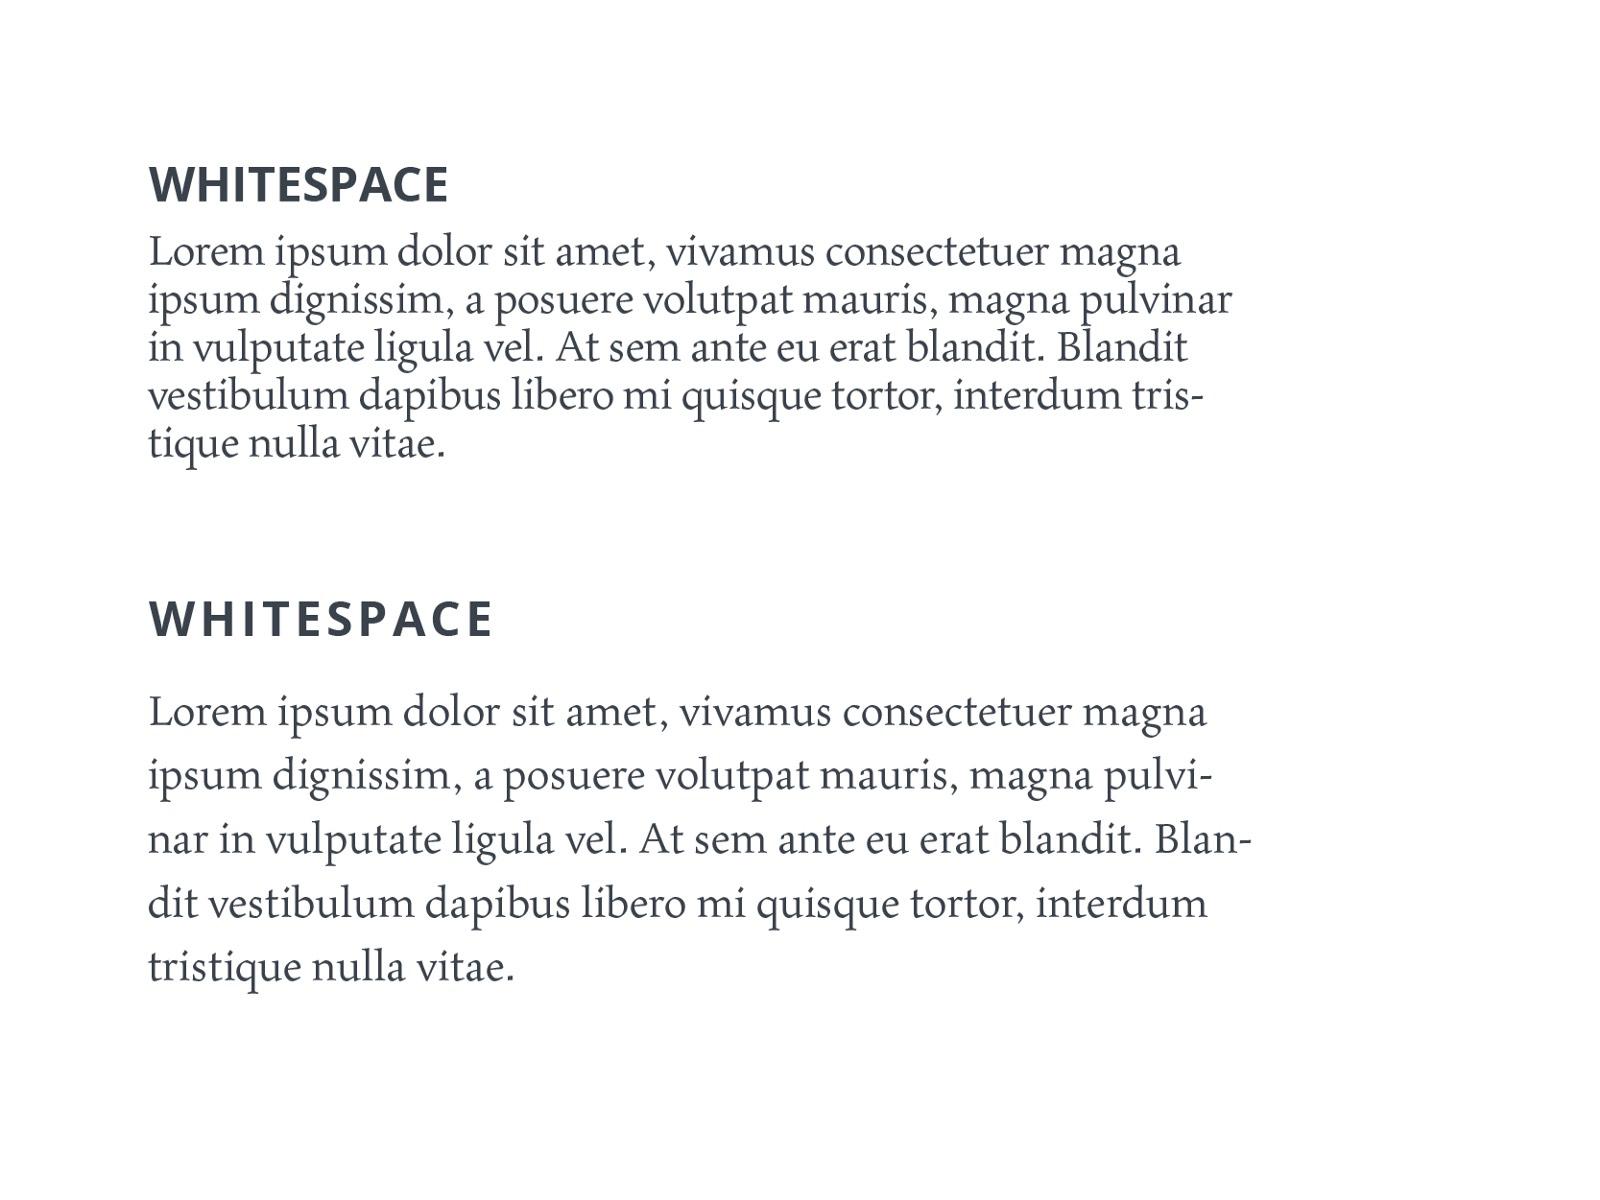 格式塔原理中的接近性原则是如何影响排版设计的?